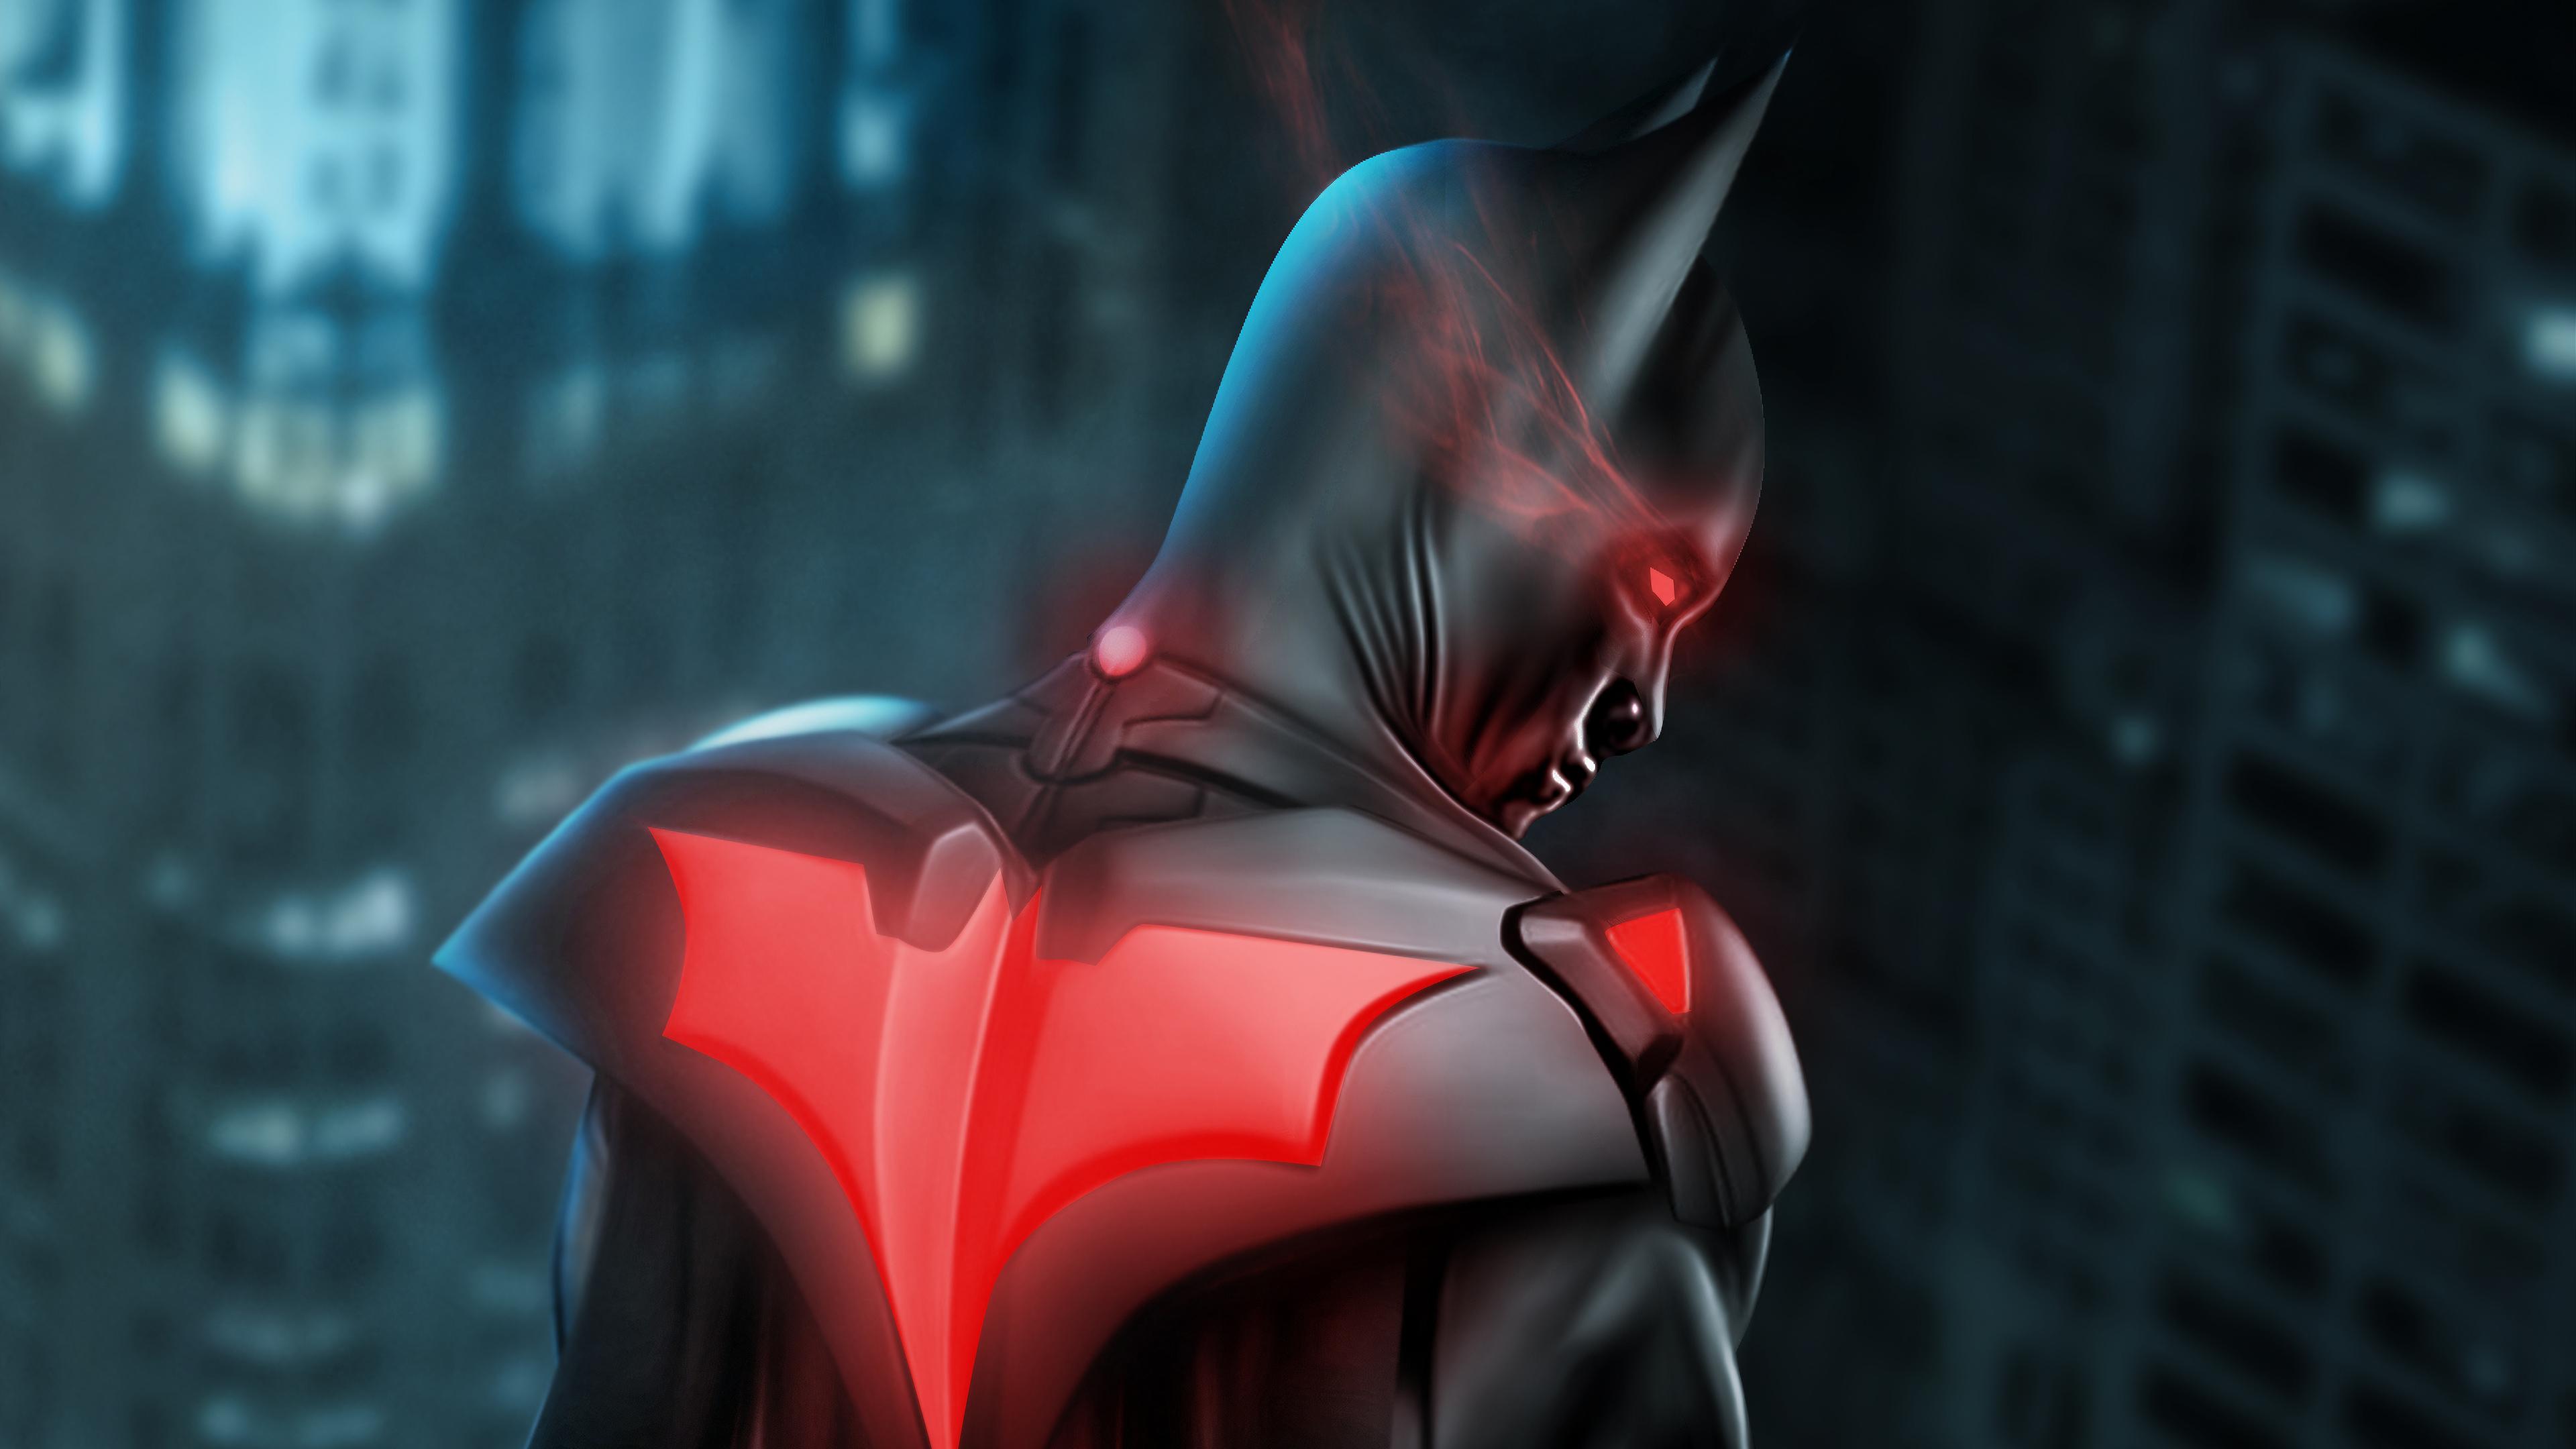 i am batman 4k 1560533559 - I Am Batman 4k - superheroes wallpapers, hd-wallpapers, digital art wallpapers, batman wallpapers, artwork wallpapers, artist wallpapers, 4k-wallpapers